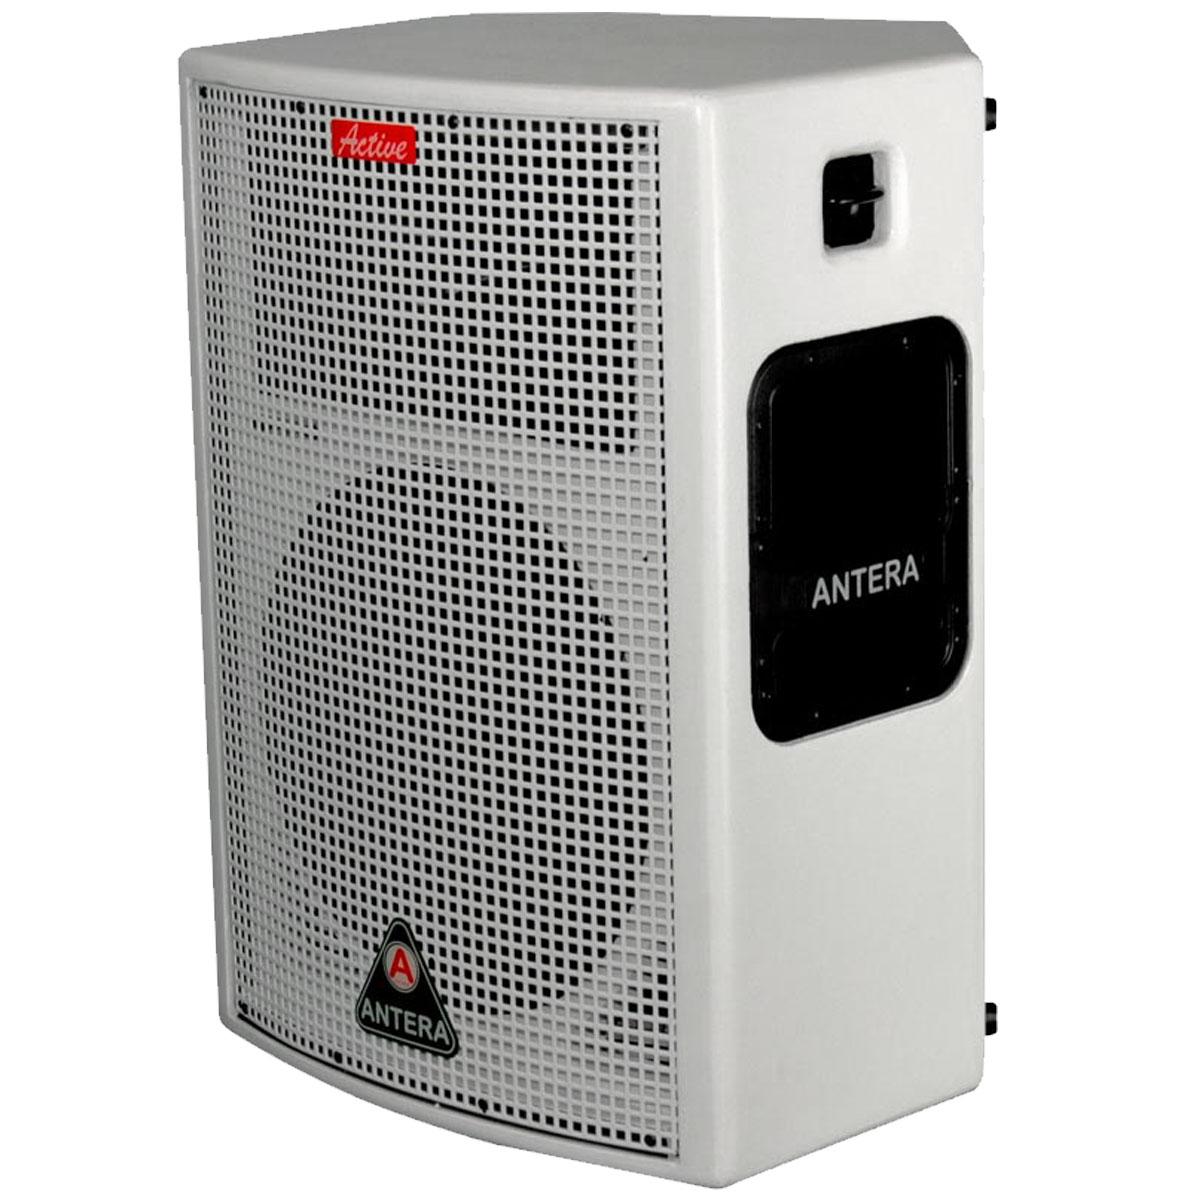 Caixa Ativa 350W Branca TS700AX - Antera